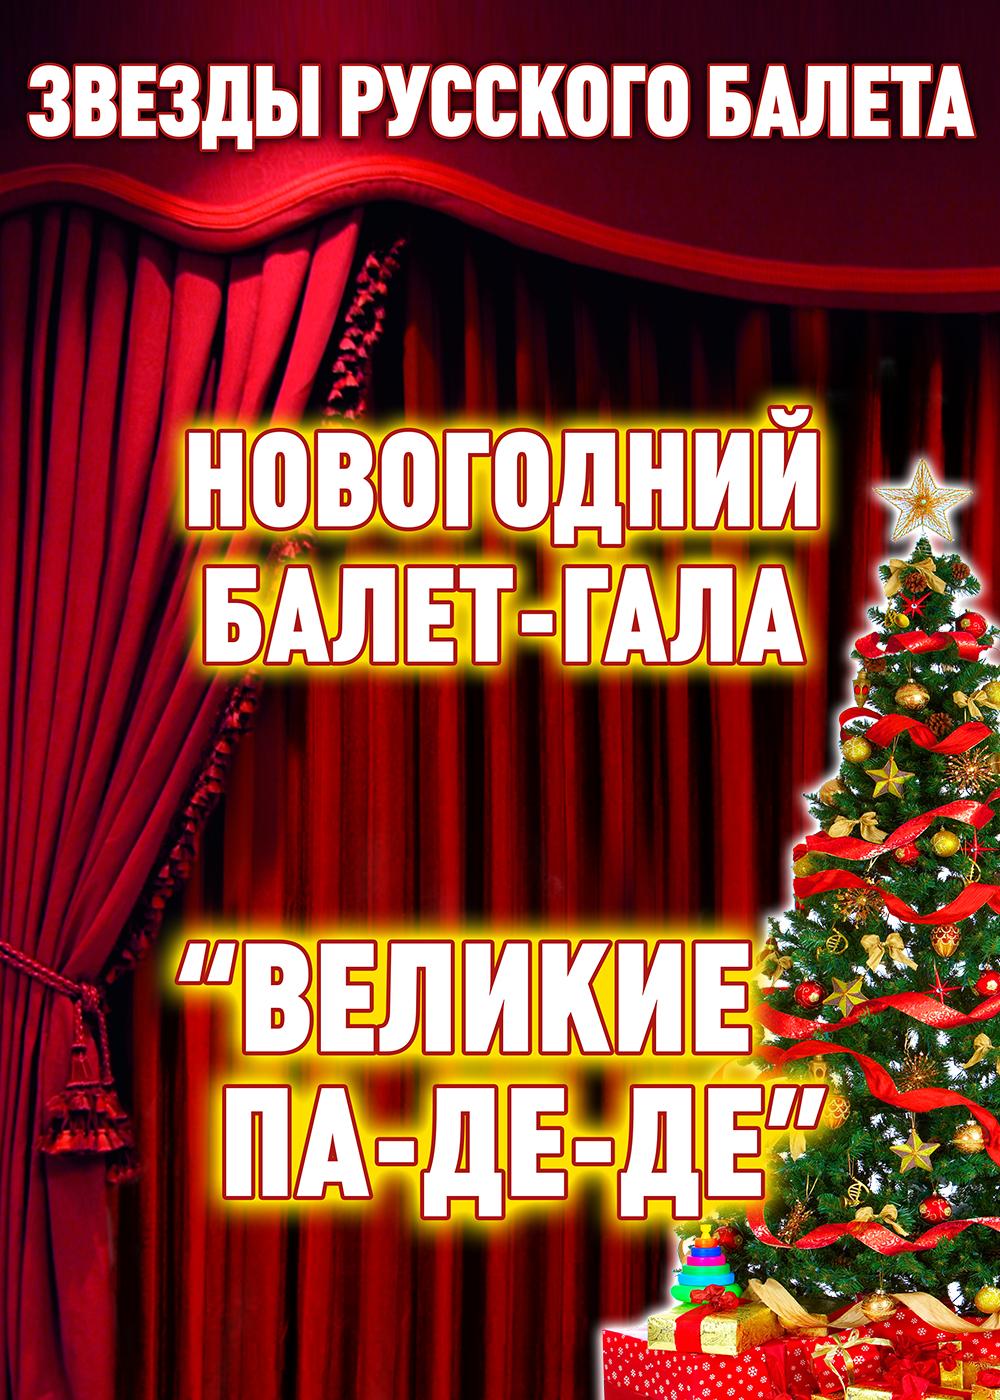 ЗВЕЗДЫ РУССКОГО БАЛЕТА  «ВЕЛИКИЕ ПА-ДЕ-ДЕ» Новогодний Балет-Гала, фото